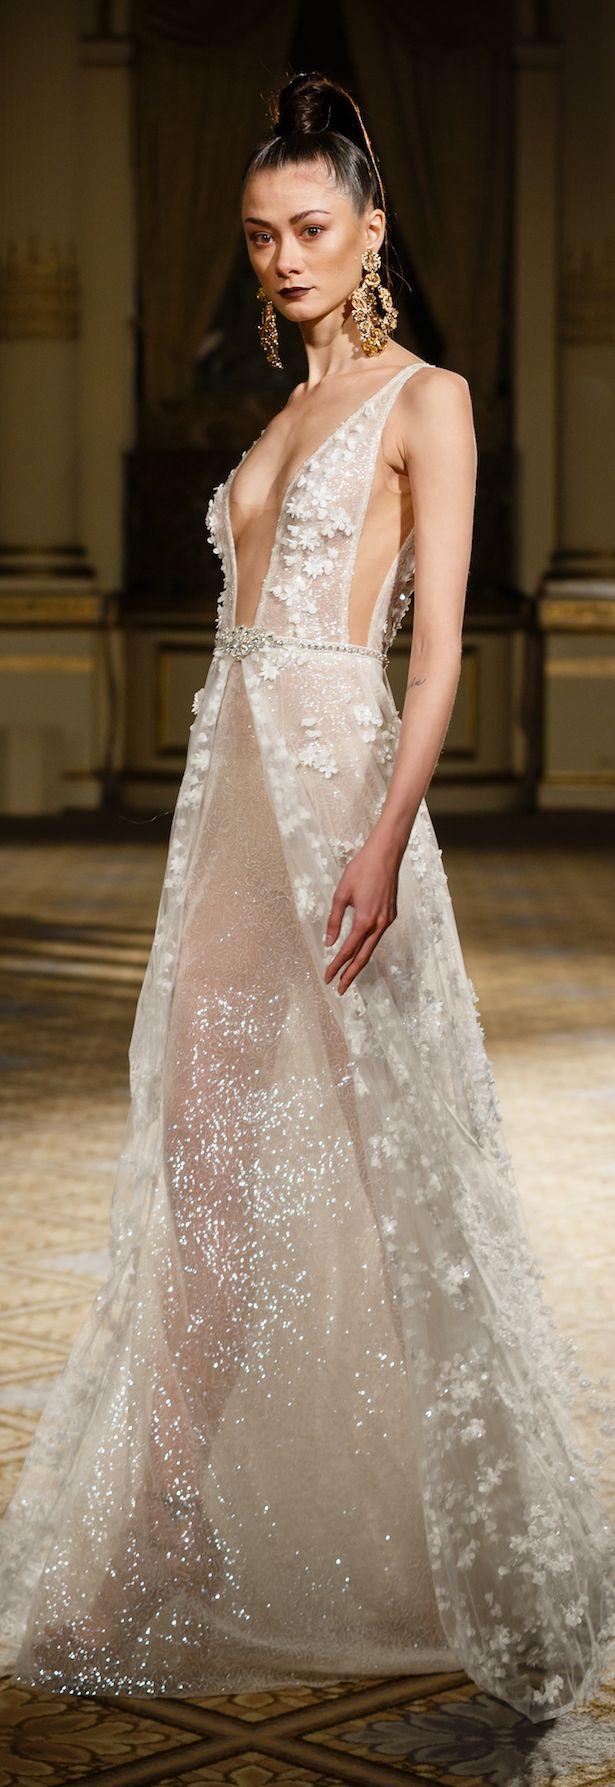 346 besten Wedding dresses Bilder auf Pinterest   Hochzeitskleider ...